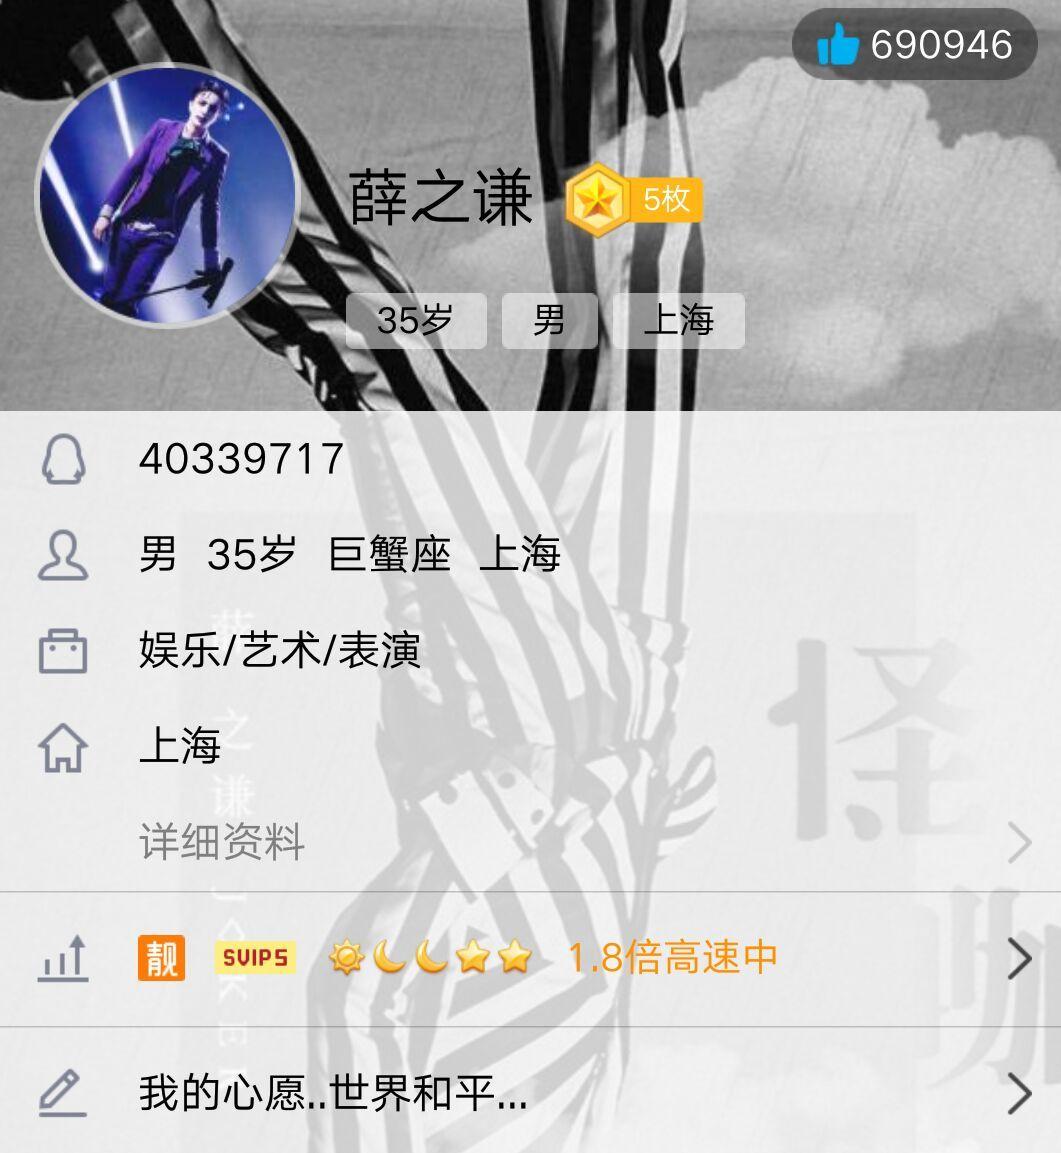 薛之谦发博后秒删,只有540人看过,还好被手快的网友载图!